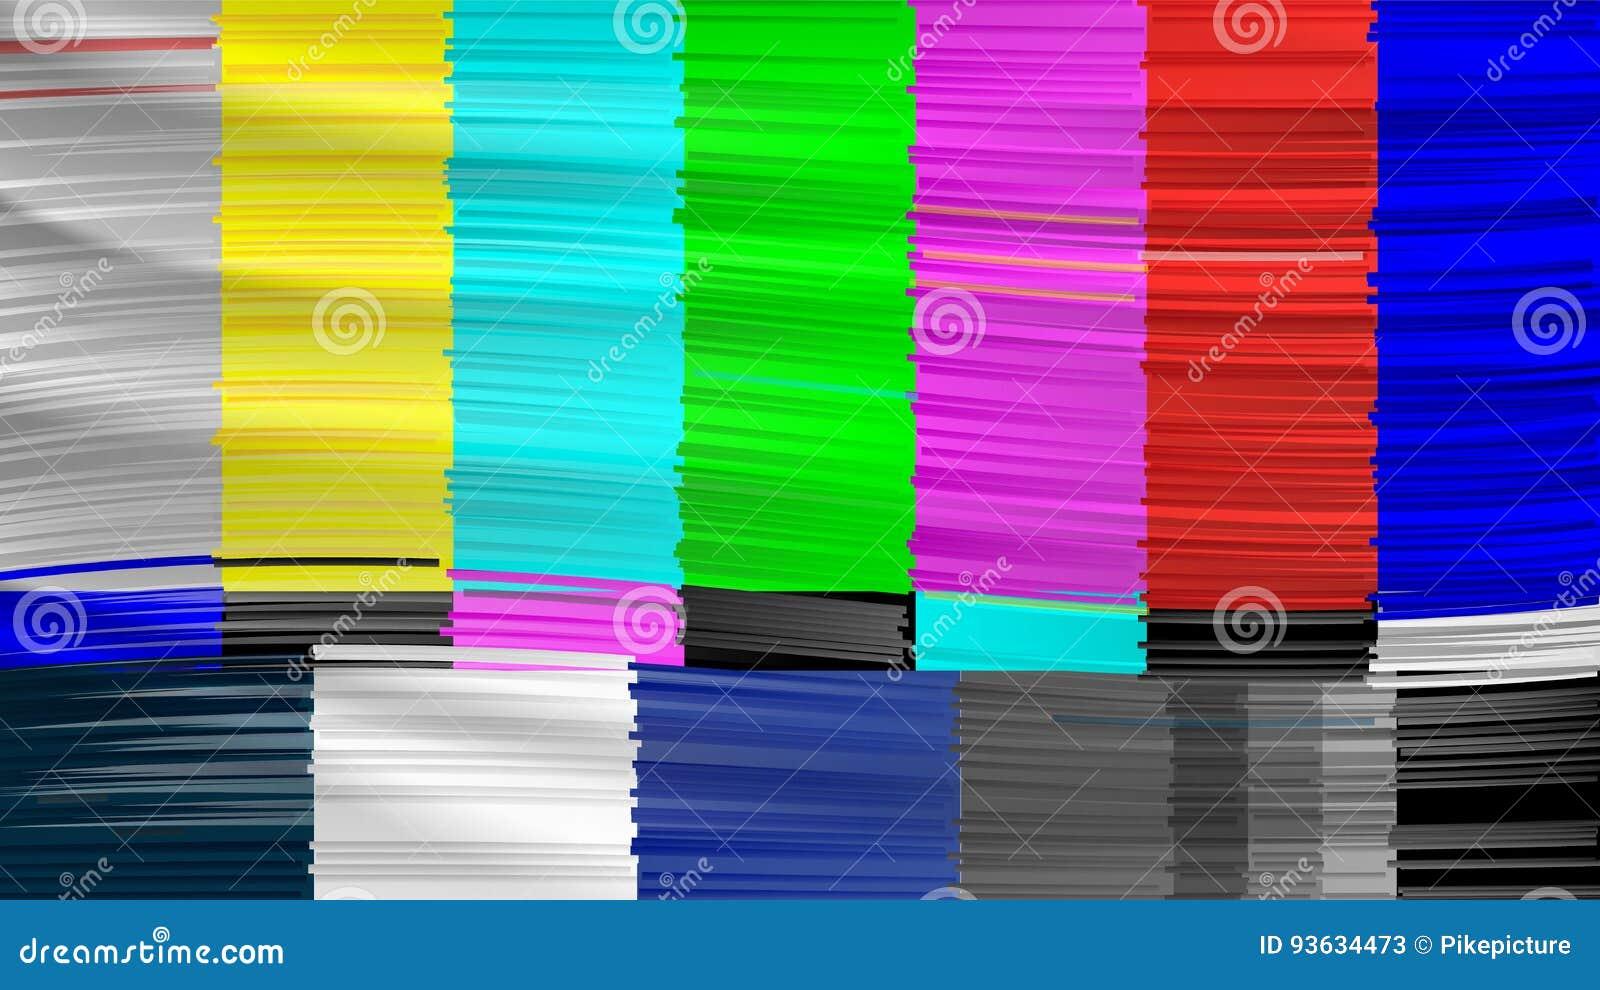 No Signal TV  Descendant Network  No Signal  Distorted Glitch TV